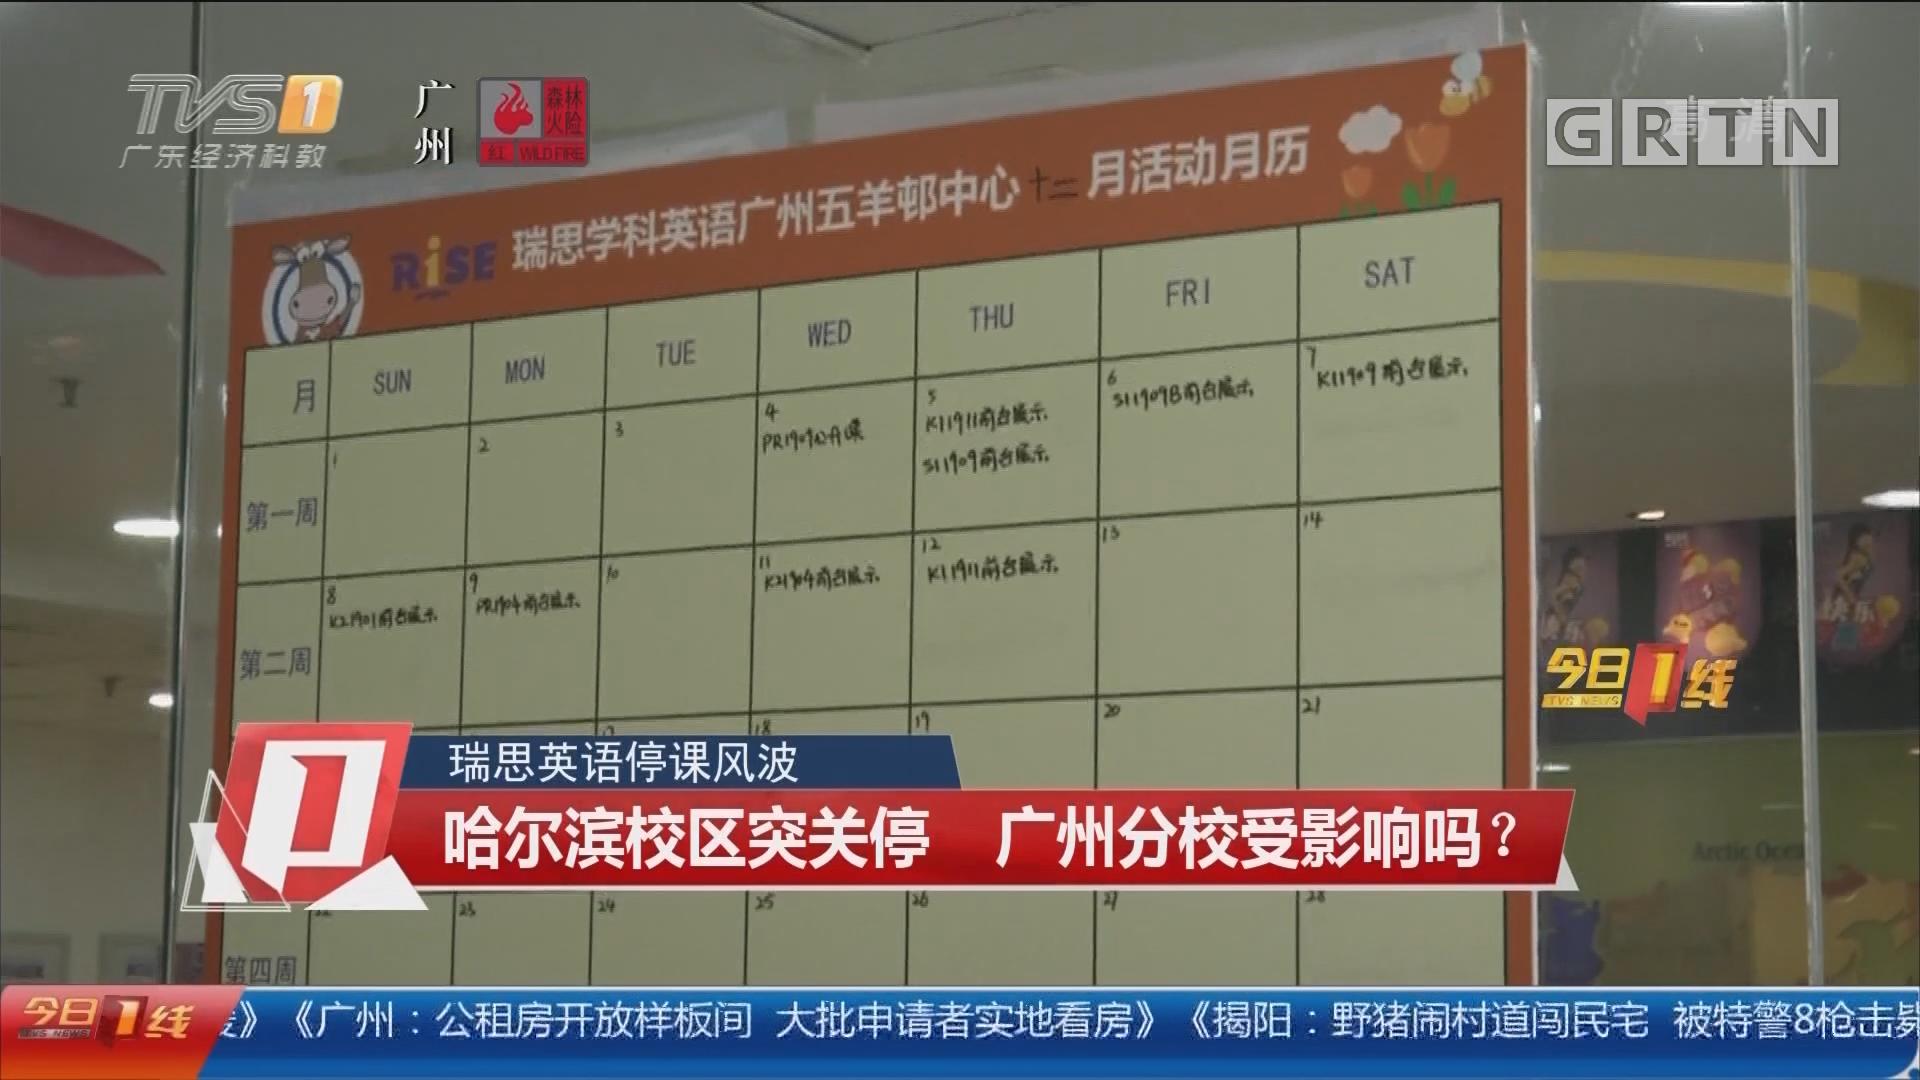 瑞思英语停课风波:哈尔滨校区突关停 广州分校受影响吗?